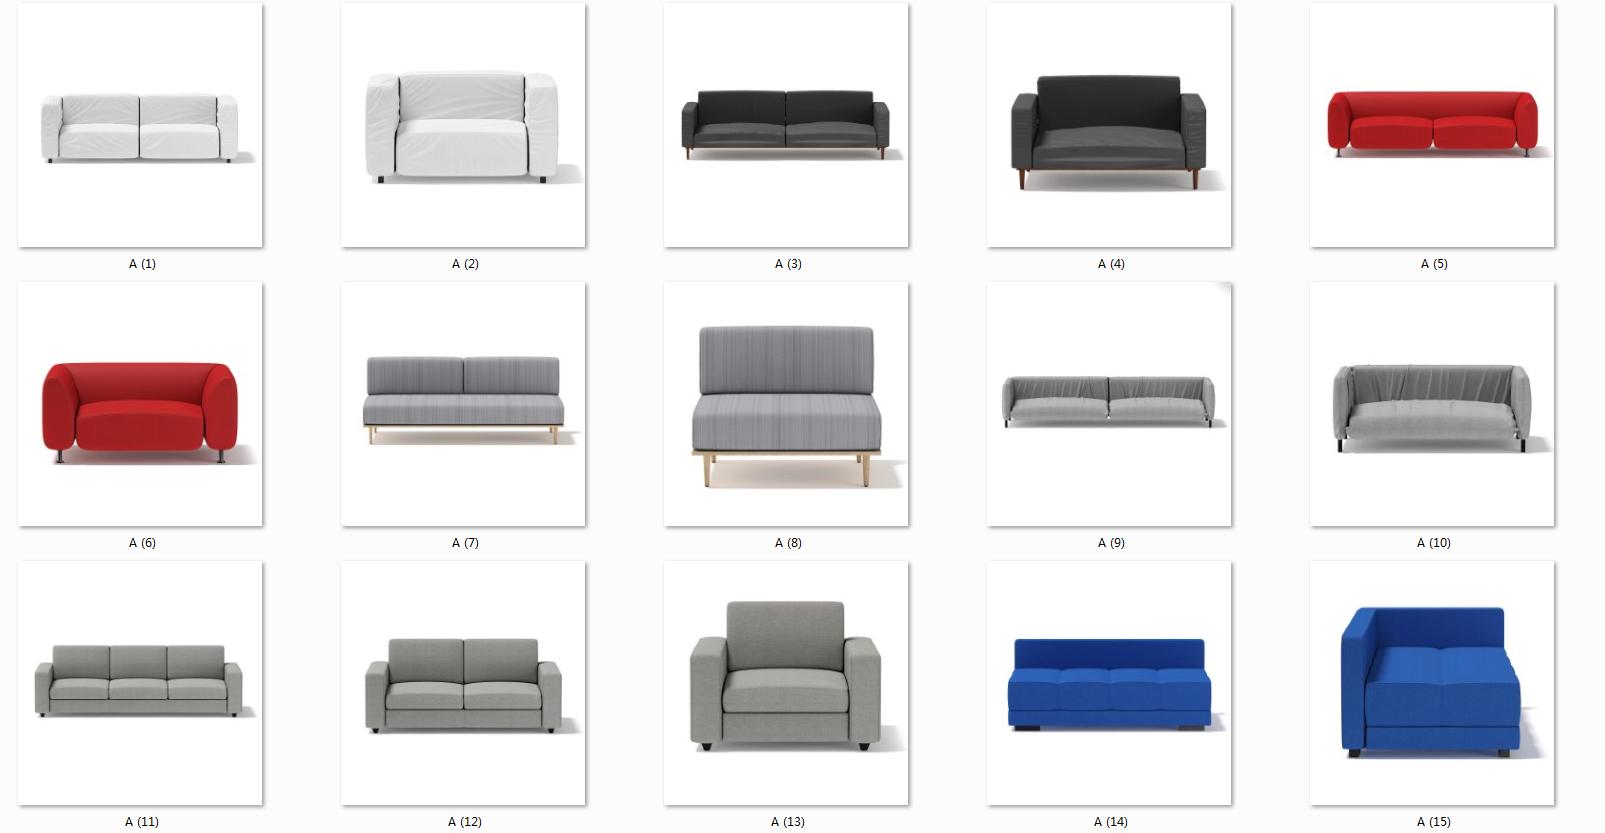 (懒人必备)31款简约家具,自带贴图,多种格式支持~~